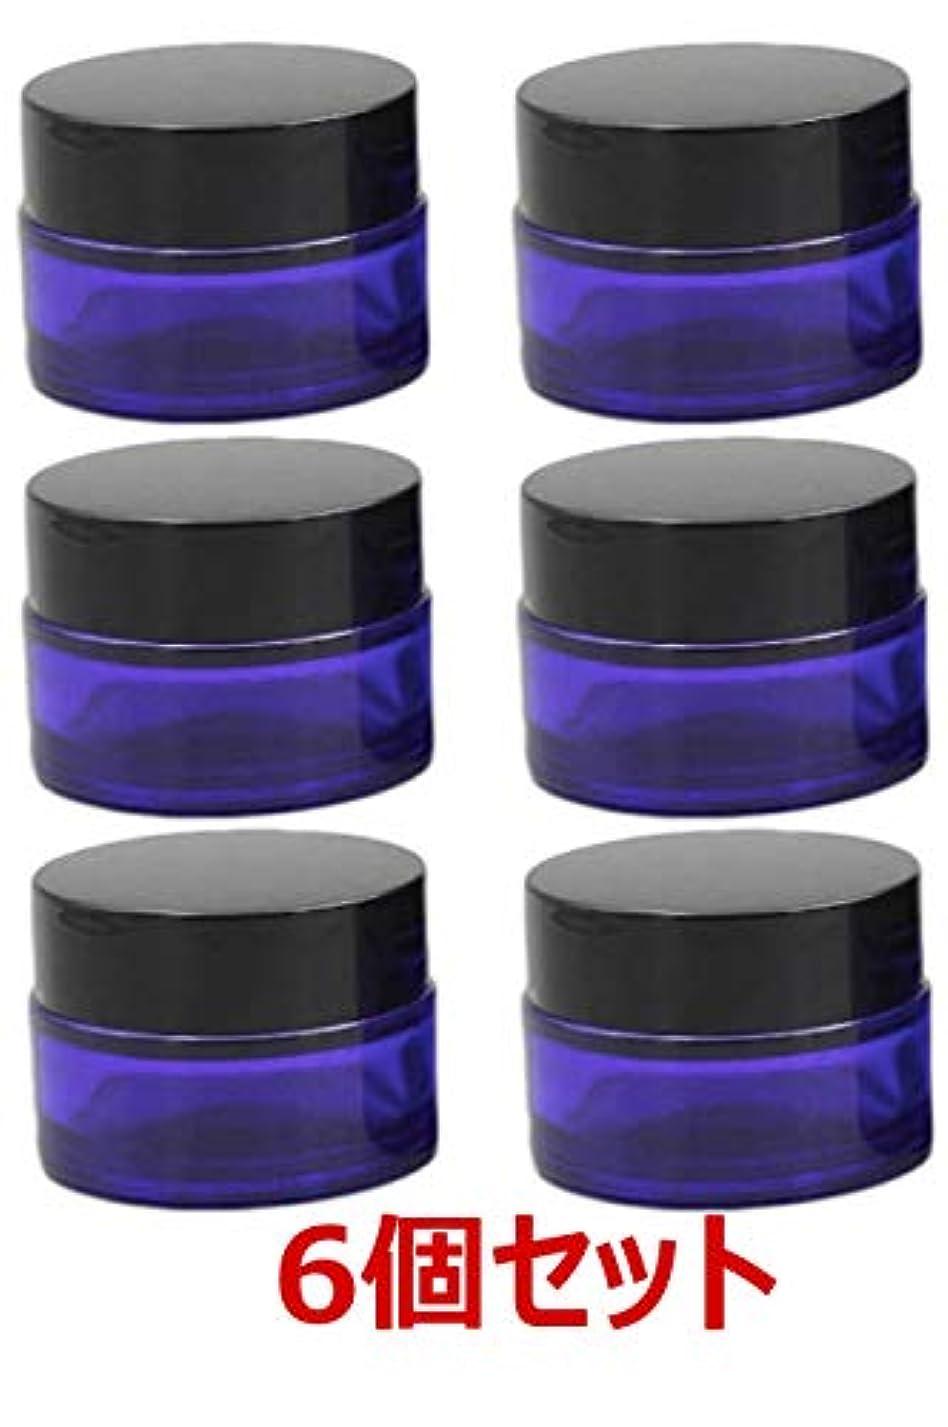 咲く禁輸ぼかし[ルボナリエ] 遮光瓶 クリーム容器 ガラス 耐熱クリーム容器 バーム 容器 コスメ容器 パープル 6個セット (20g)